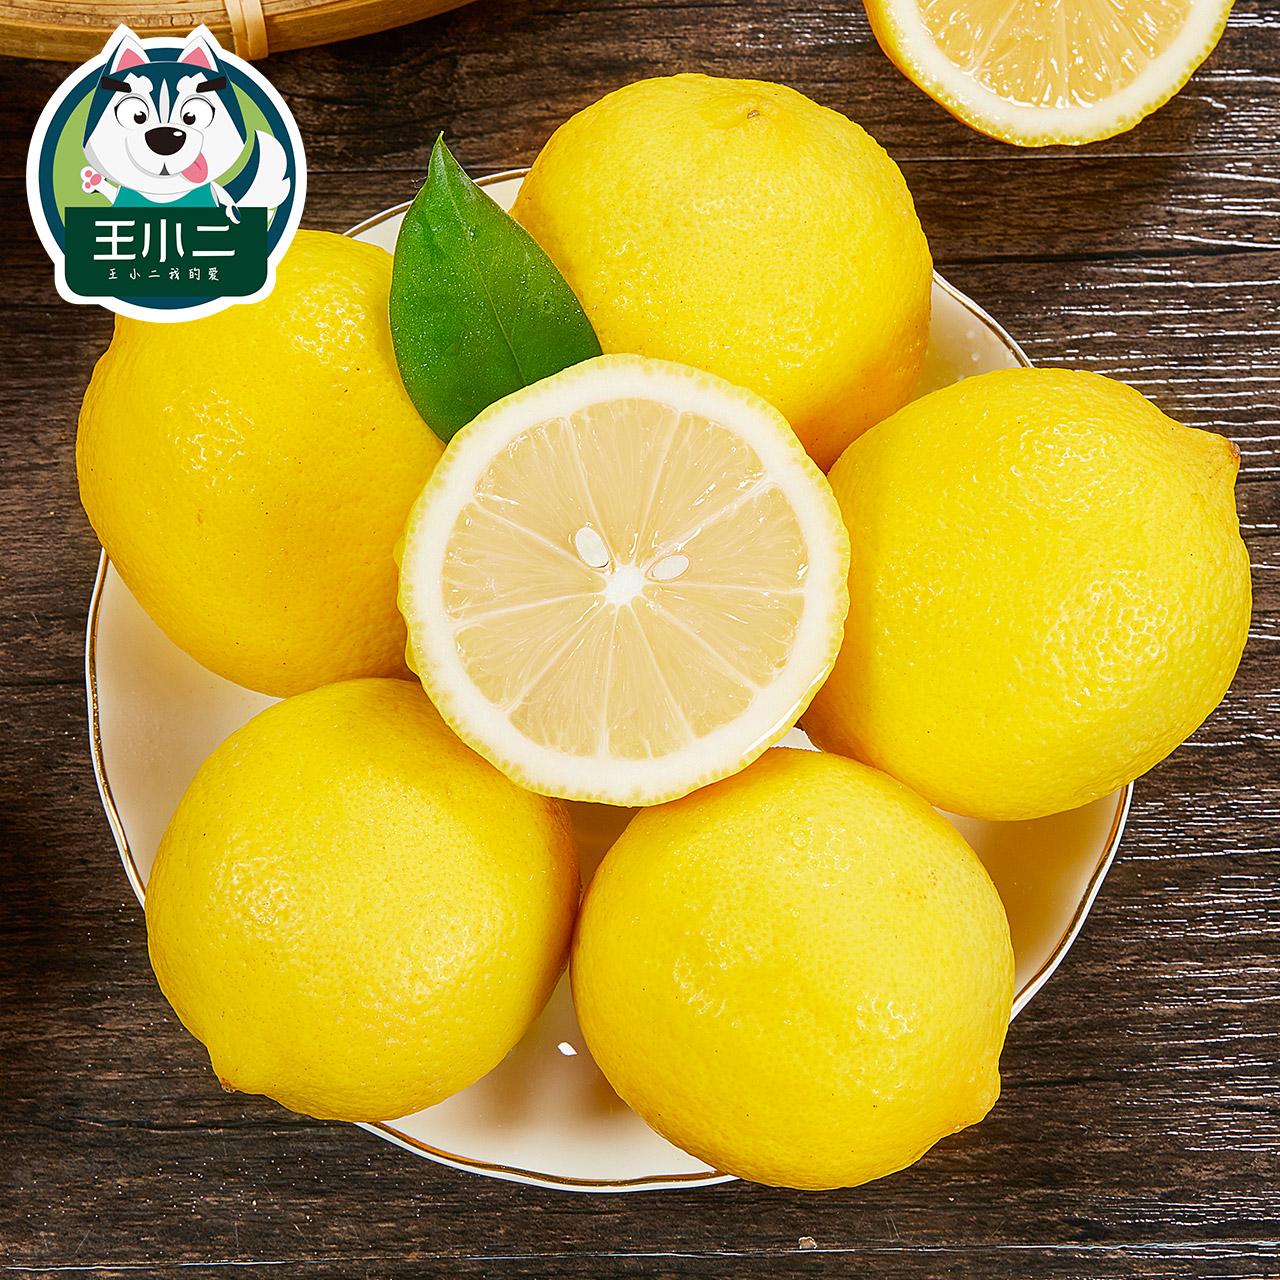 四川安岳黄柠檬6斤新鲜水果包邮精选皮薄一级香水鲜甜柠檬青特产